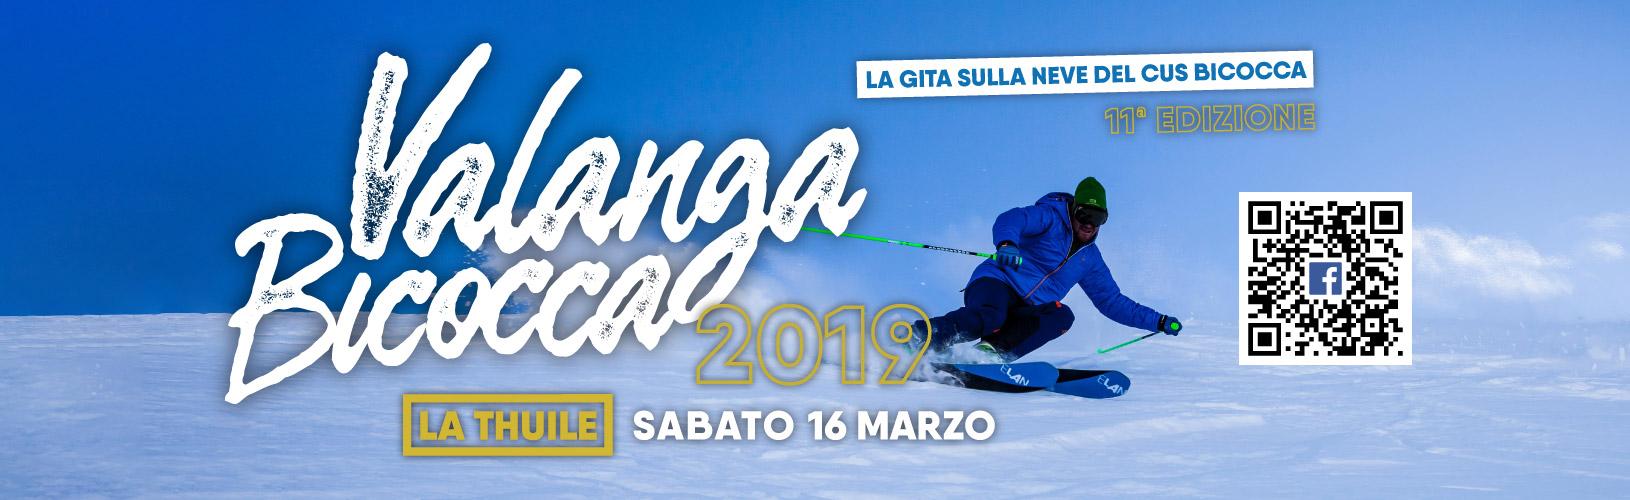 Valanga Bicocca 2019 - CUS Bicocca - evento Facebook